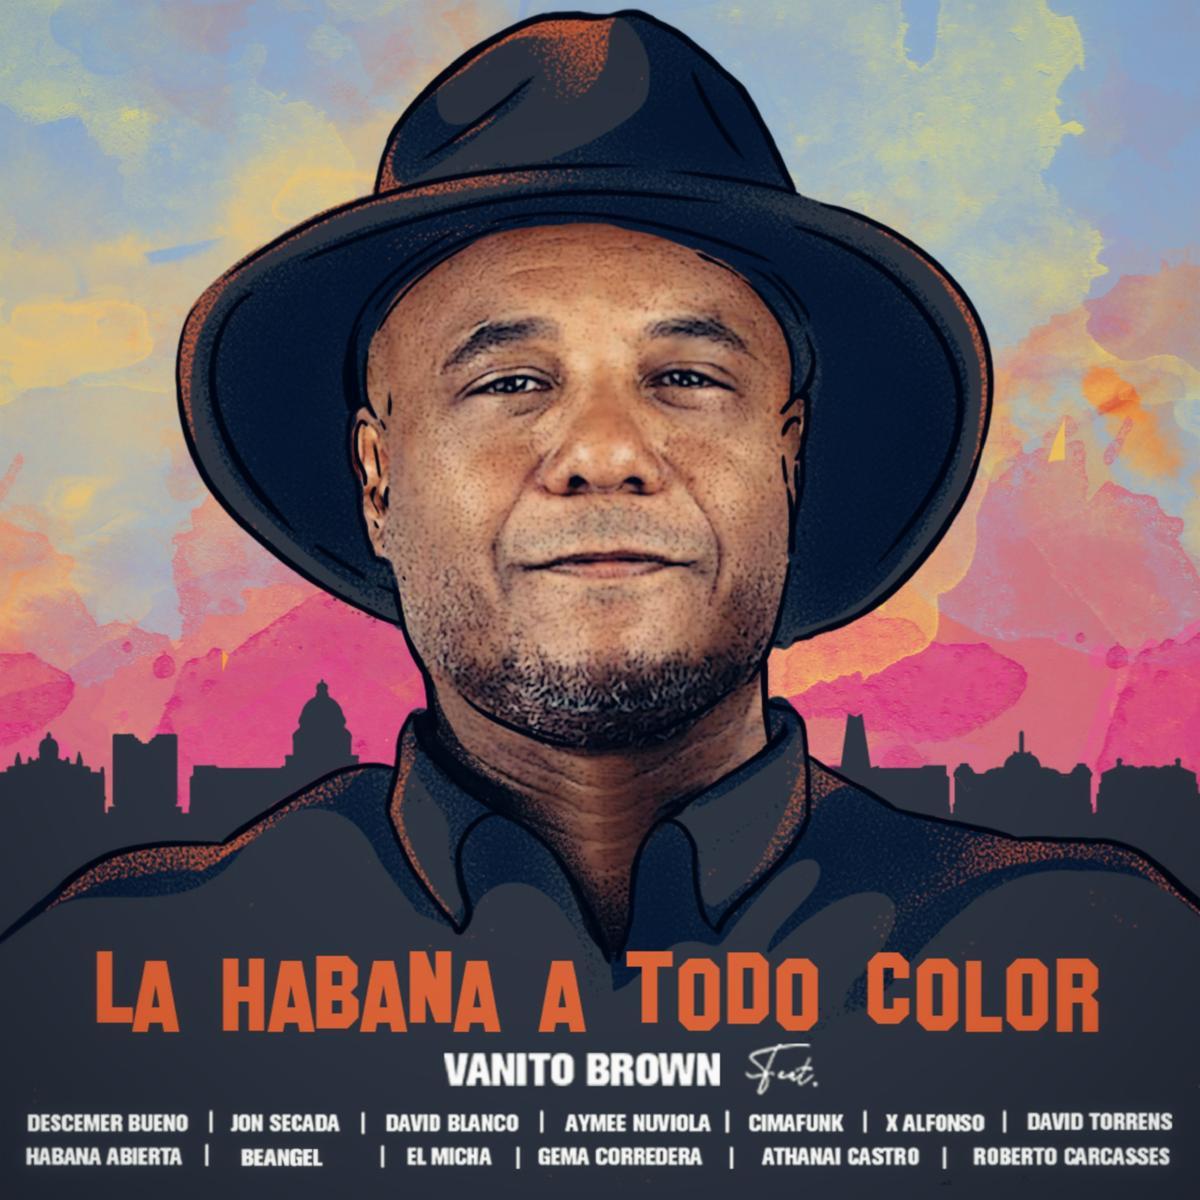 Vanito Brown te invita a disfrutar de La Habana A Todo Color